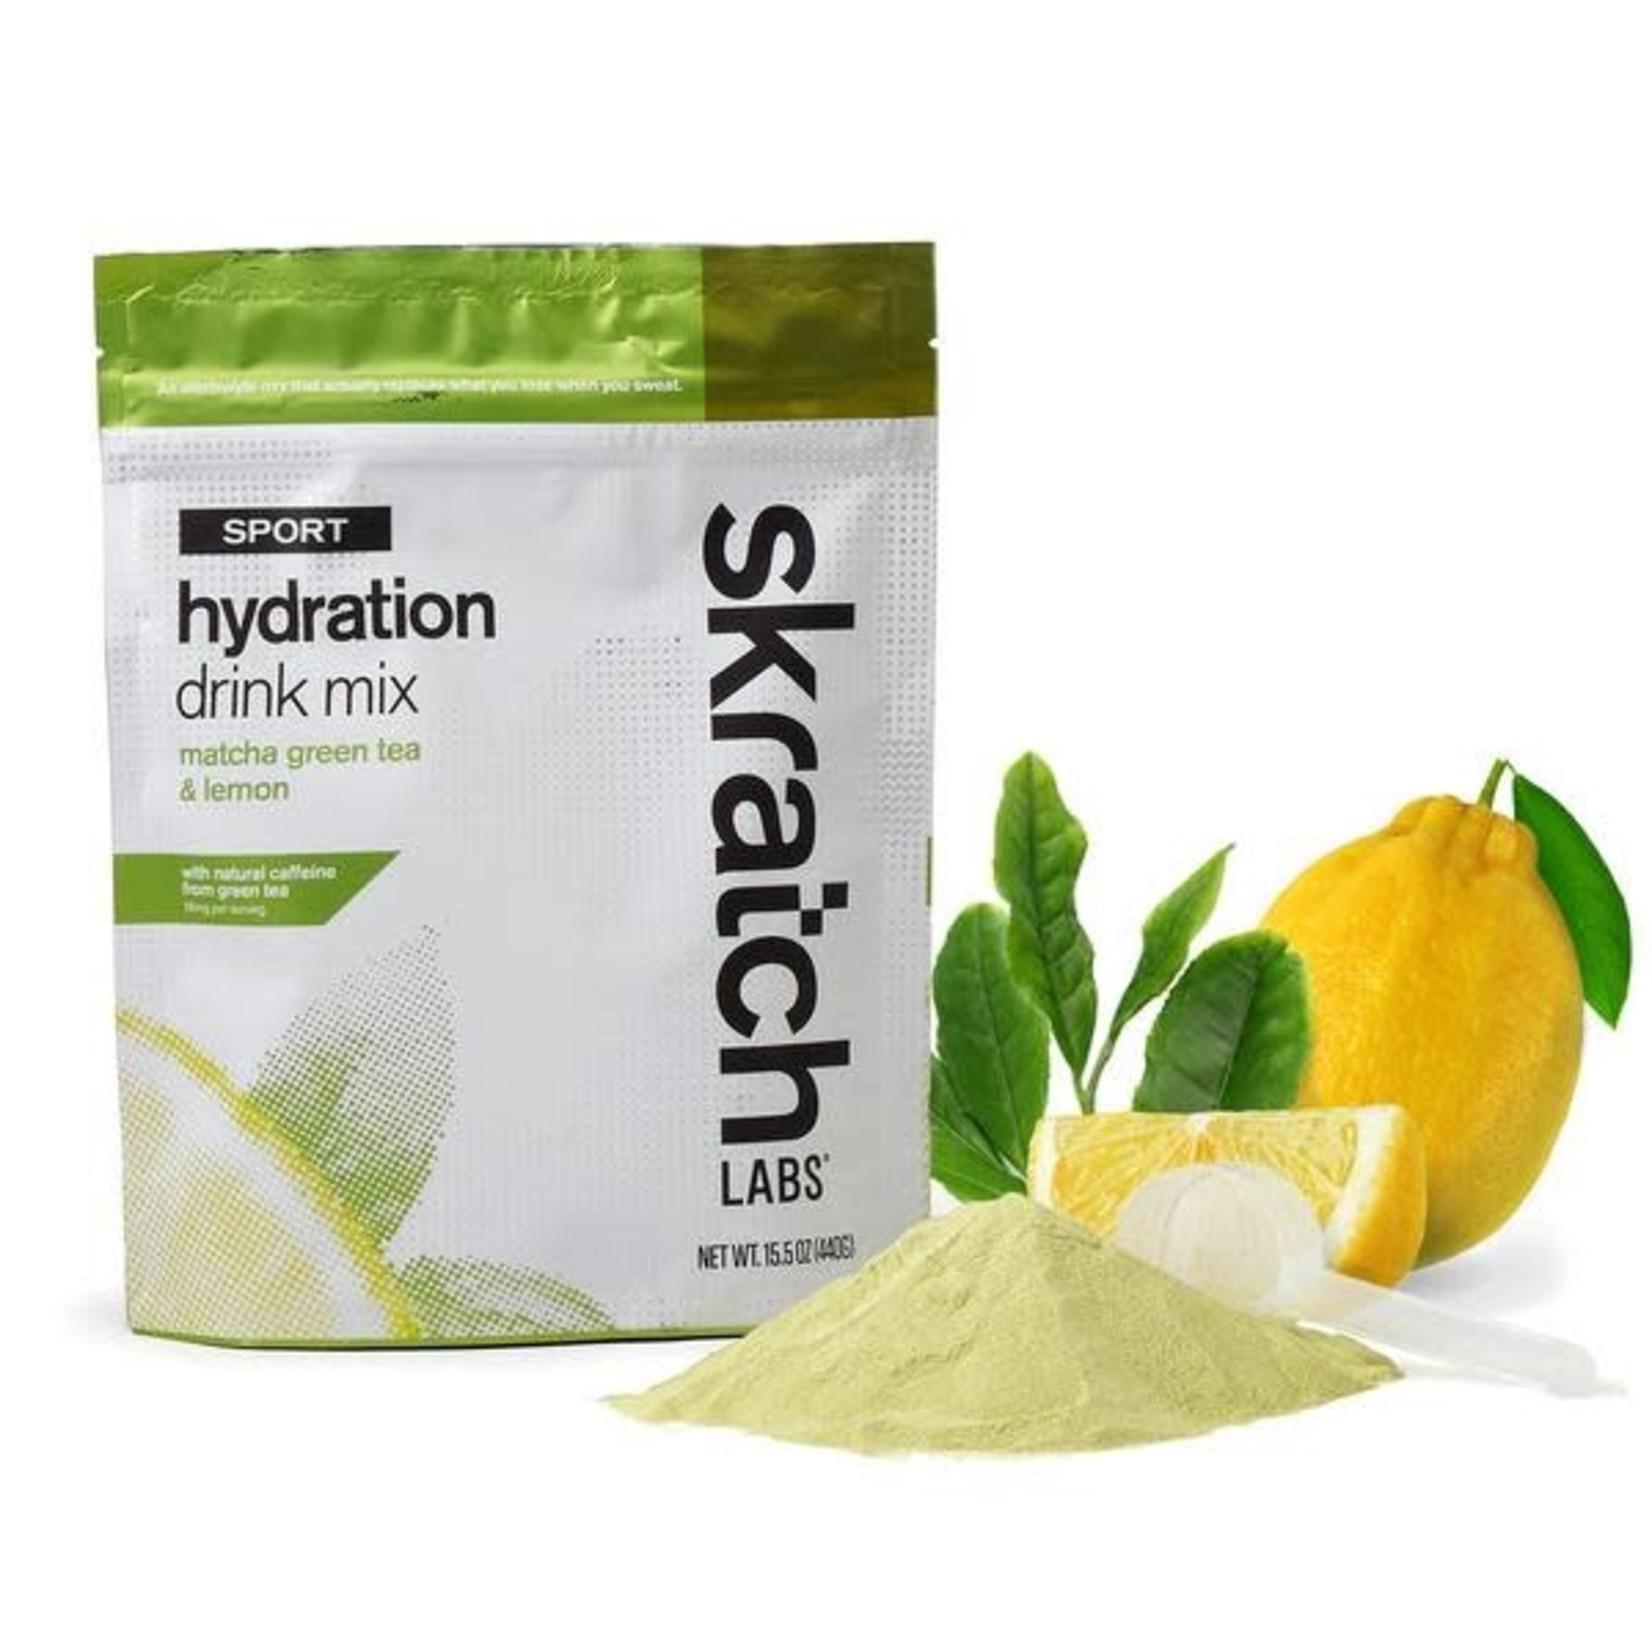 Skratch Labs Mélange de boisson d'hydratation pour sports: Thé vert matcha et citron (Sac 440g)